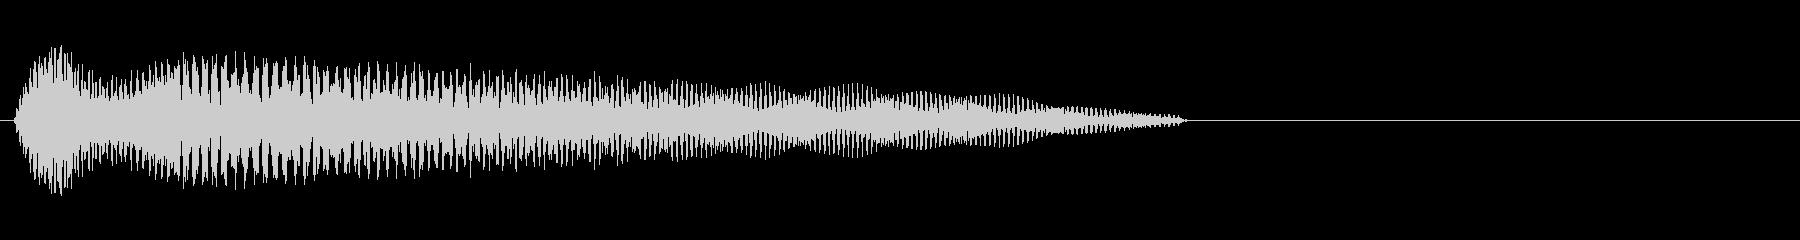 スチールギター:ショートスライドア...の未再生の波形